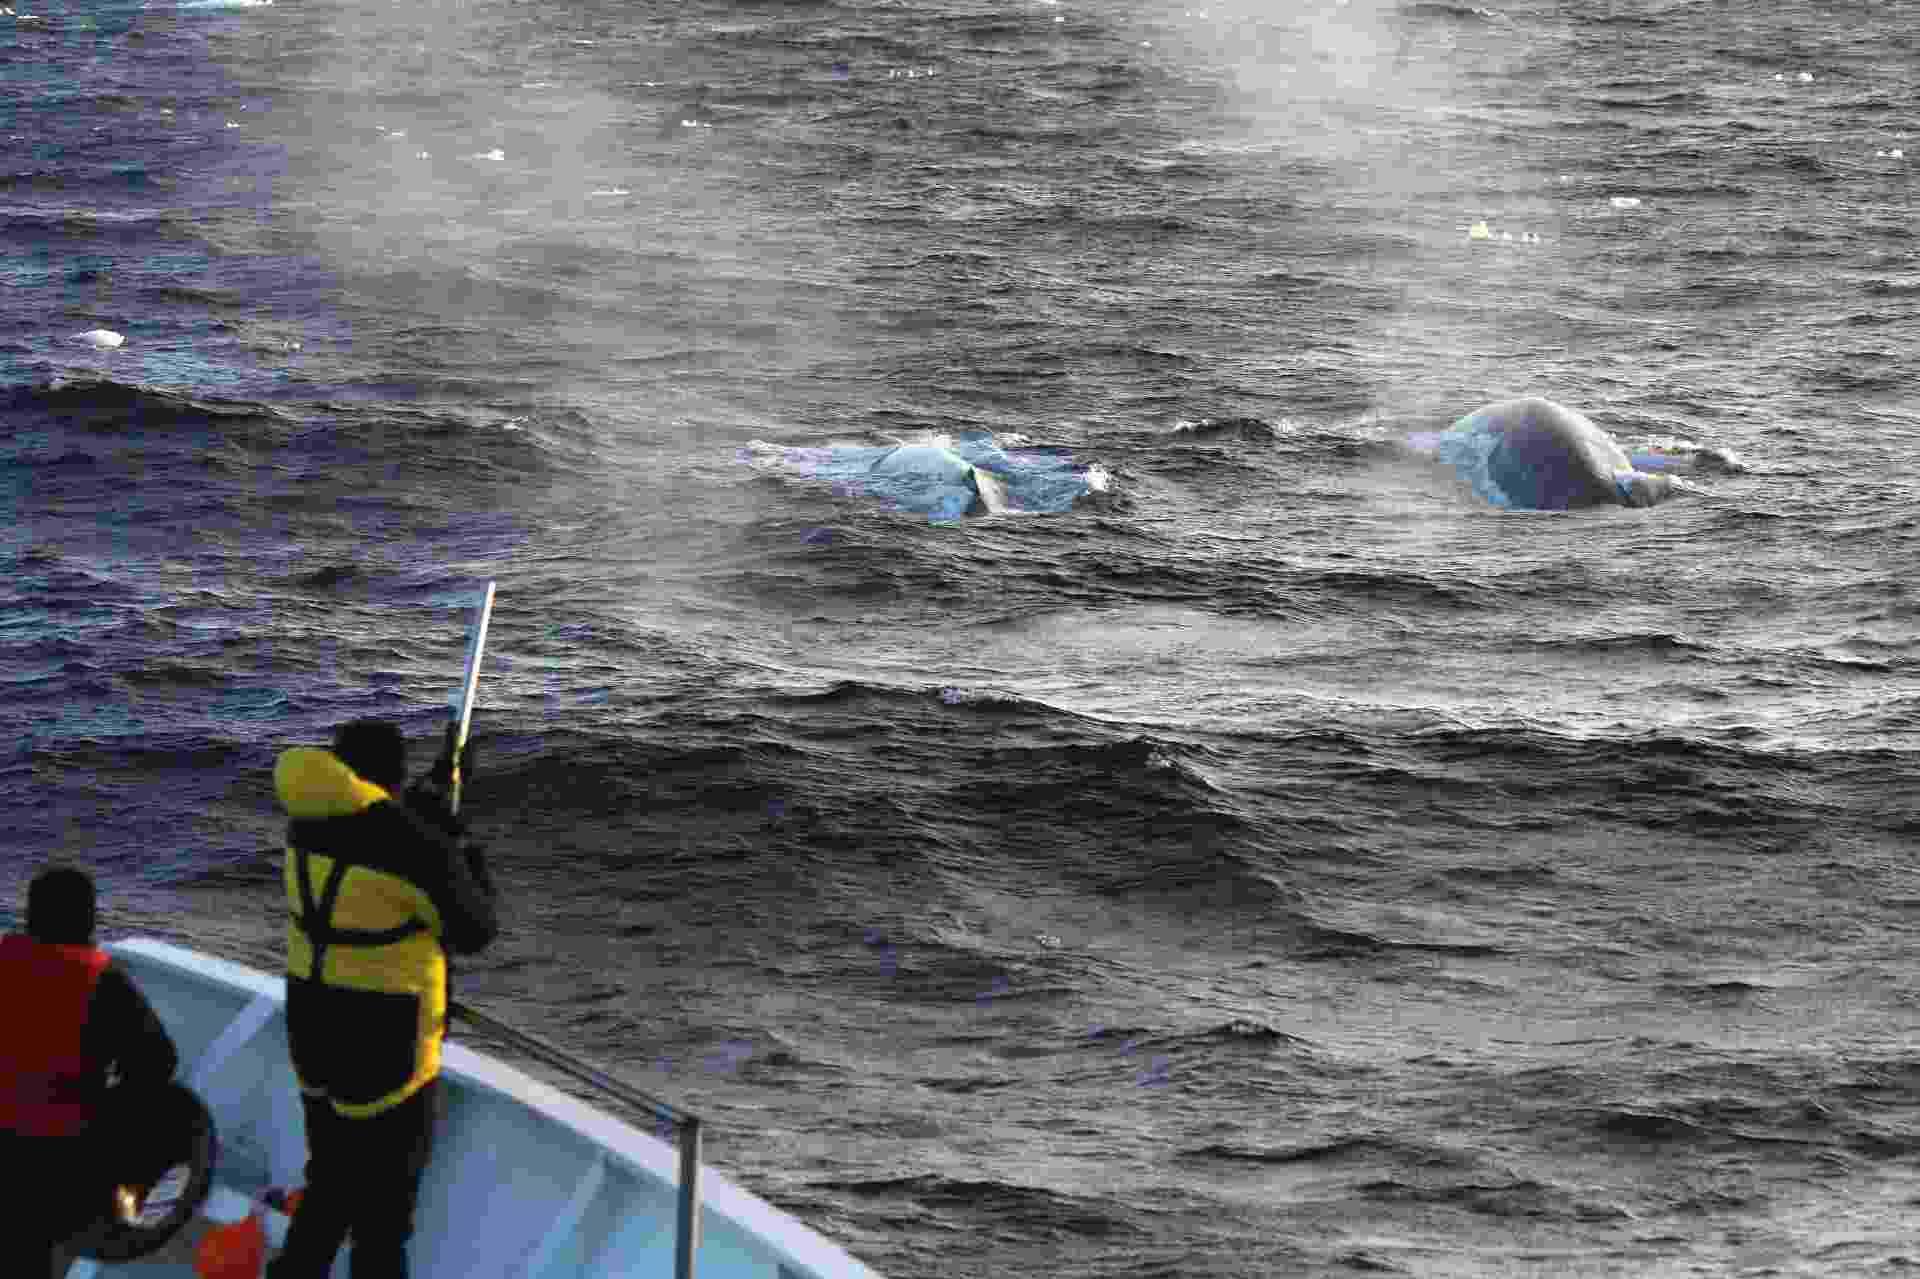 """28.mar.2013 - Cientistas atiram dispositivos de rastreamento via satélite em duas baleias-azuis, que vai permitir colher mais informações do maior animal do mundo, como movimentos velozes durante o verão austral e padrões alimentares no gelo antártico. Além disso, com técnicas acústicas de detecção e acompanhamento, o """"Projeto Baleia-Azul na Antártida"""" captou 26.545 cantos dos cetáceos em 626 horas de gravação, fez 57 fotografias e 23 biópsias durante uma expedição de sete semanas no mar Ross - Australian Antarctic Division/Reuters"""